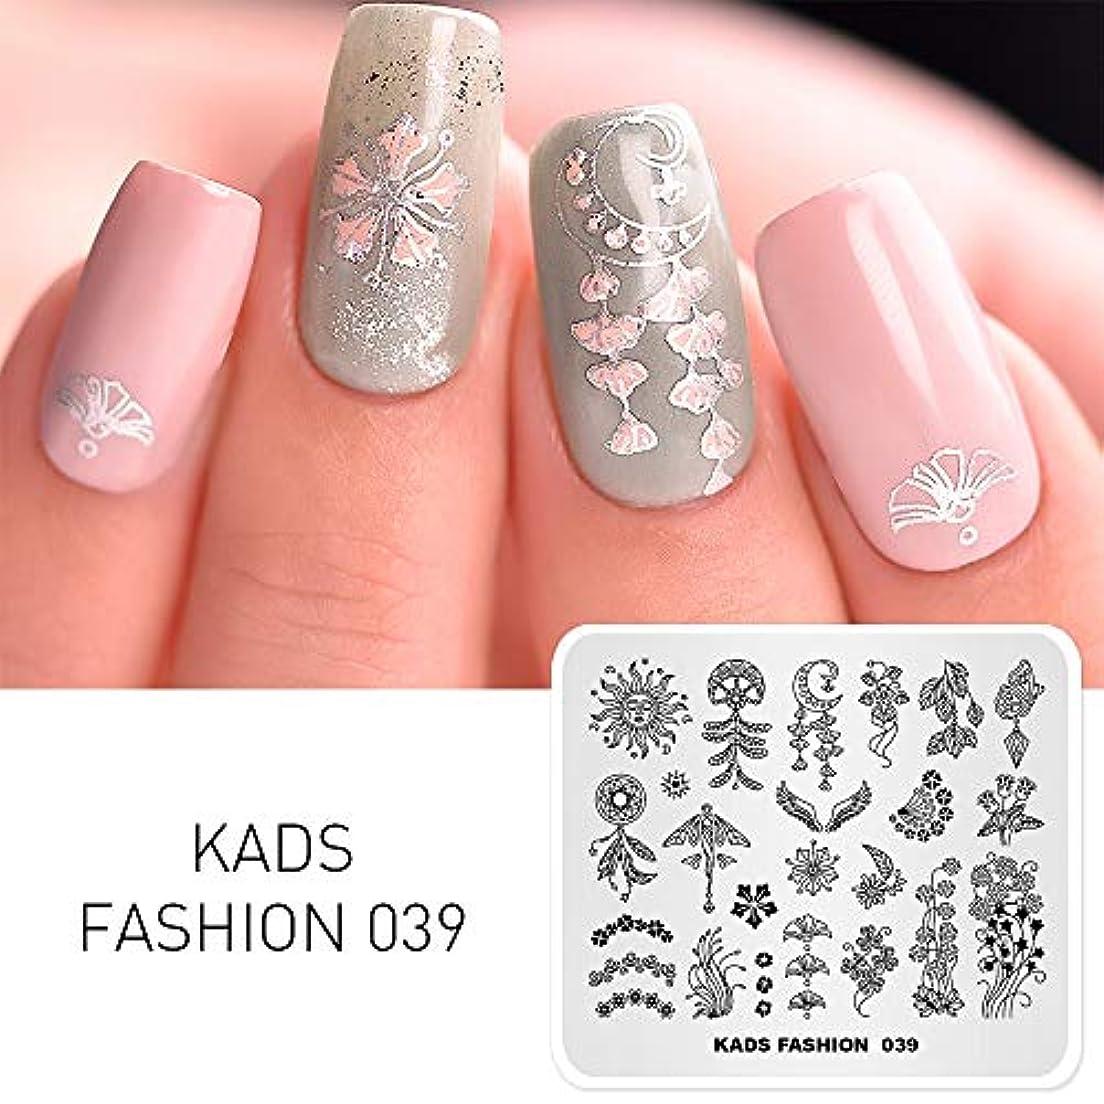 フェリー指定する覚醒KADS スタンピングプレート ネイルスタンプ 花 翼 ファッションスタイル (FA039)